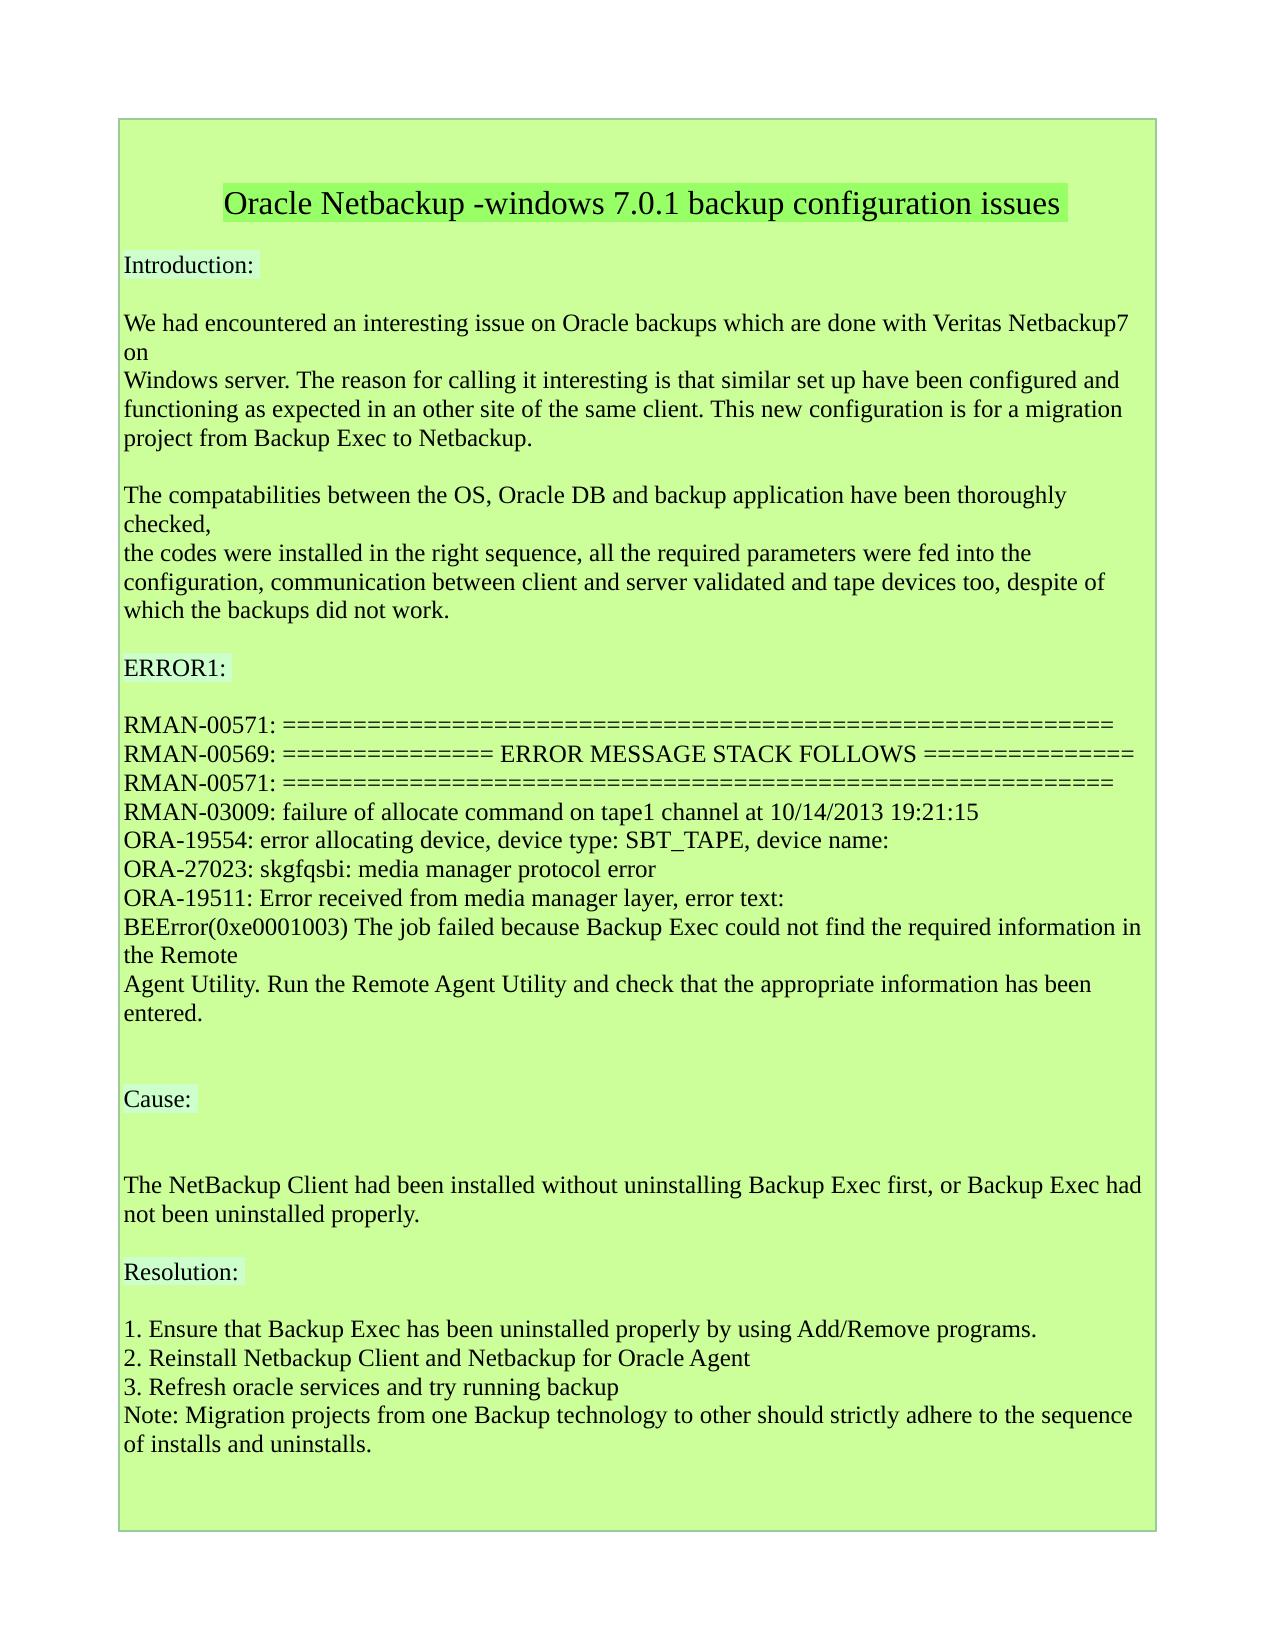 Oracle Netbackup -windows 7 0 1 backup configuration